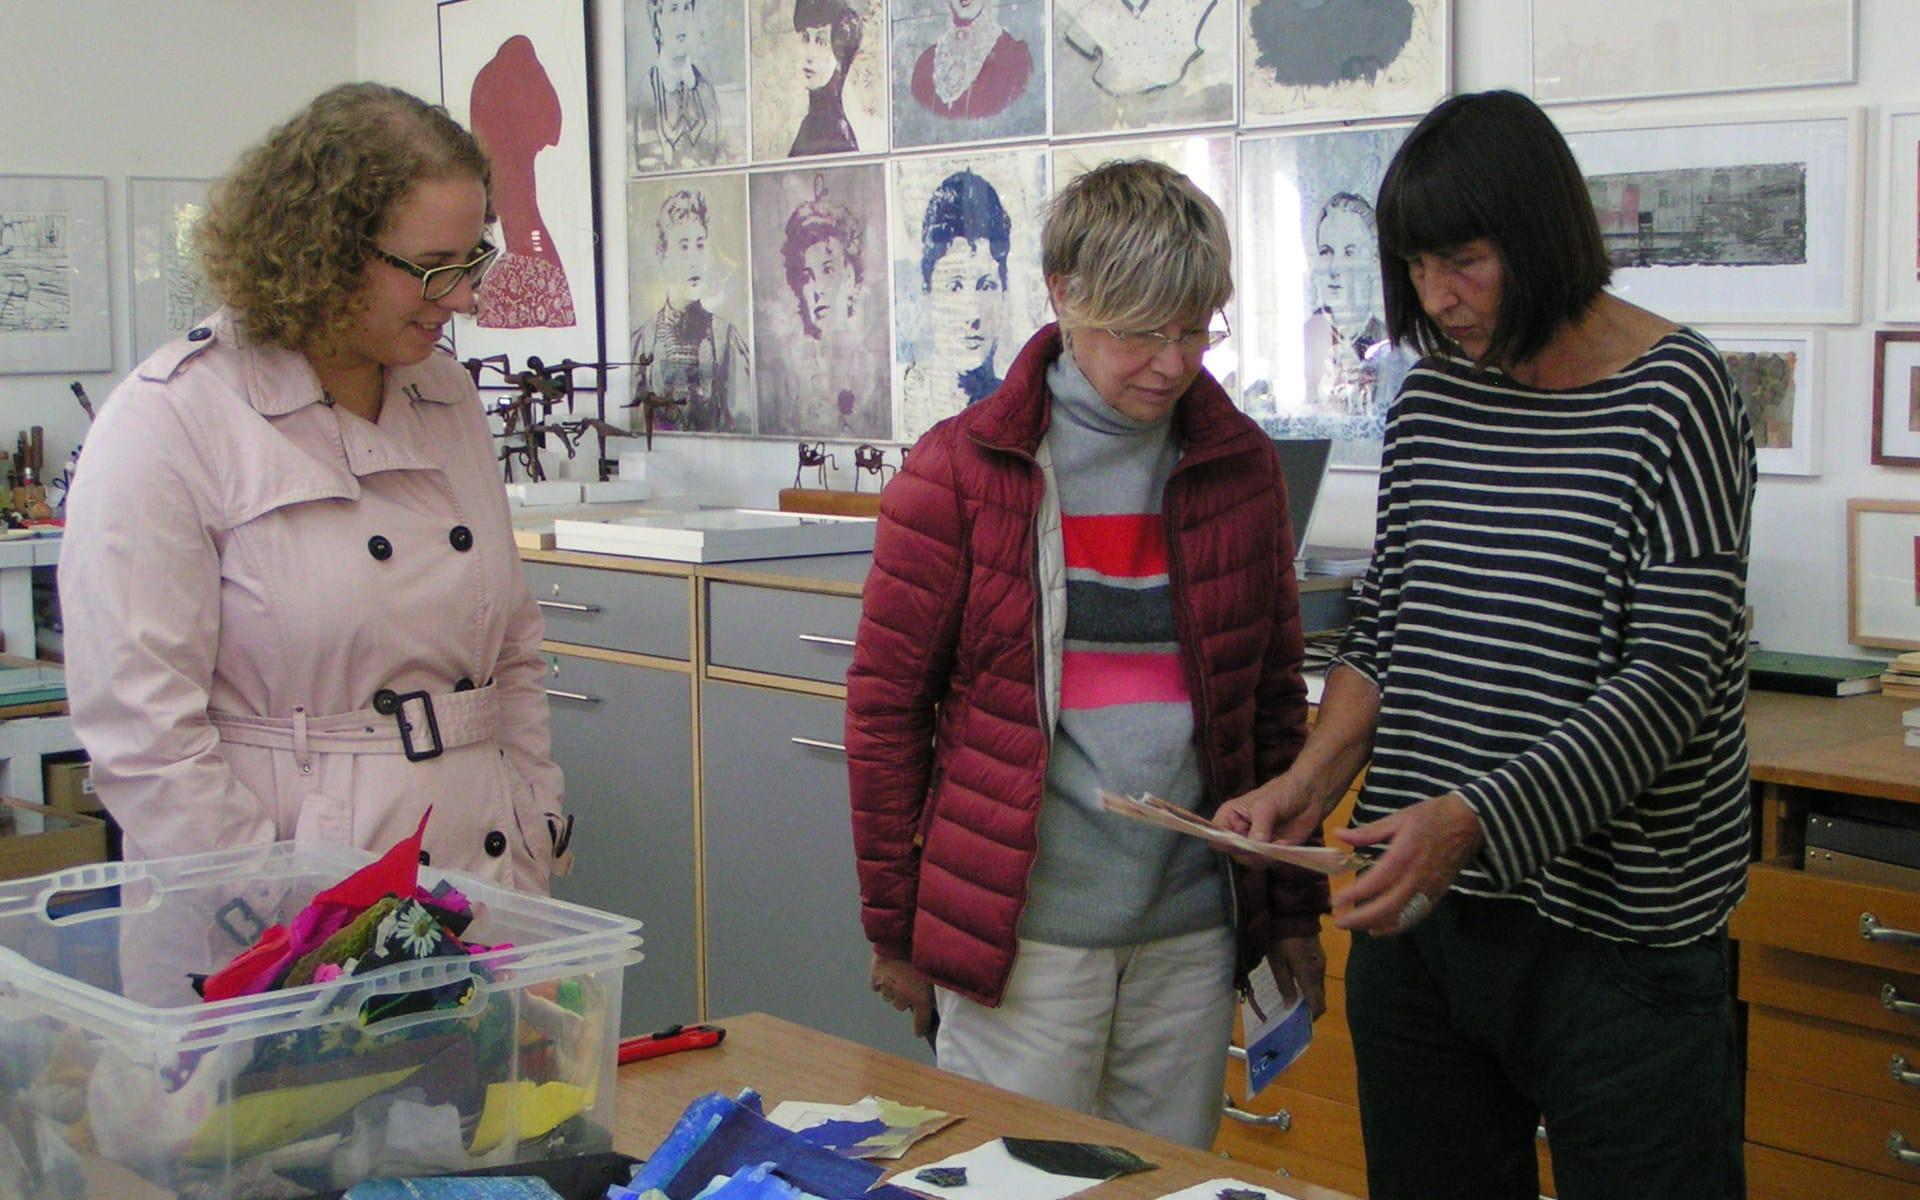 Kunsttour Stechlin - Workshop Collage im Atelier mit Künstler und zwei Gästen